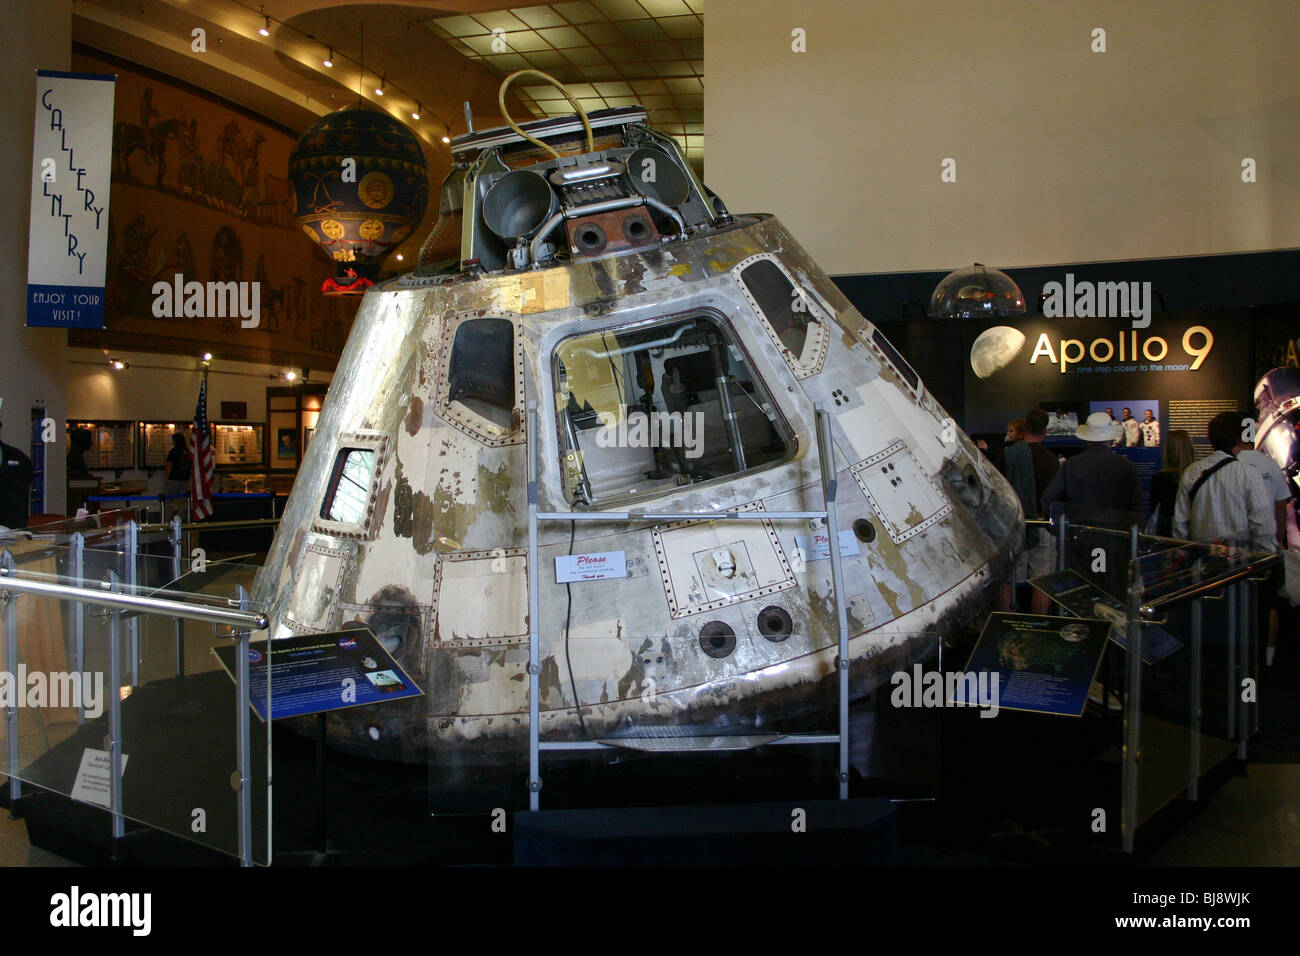 apollo spacecraft command module - photo #15